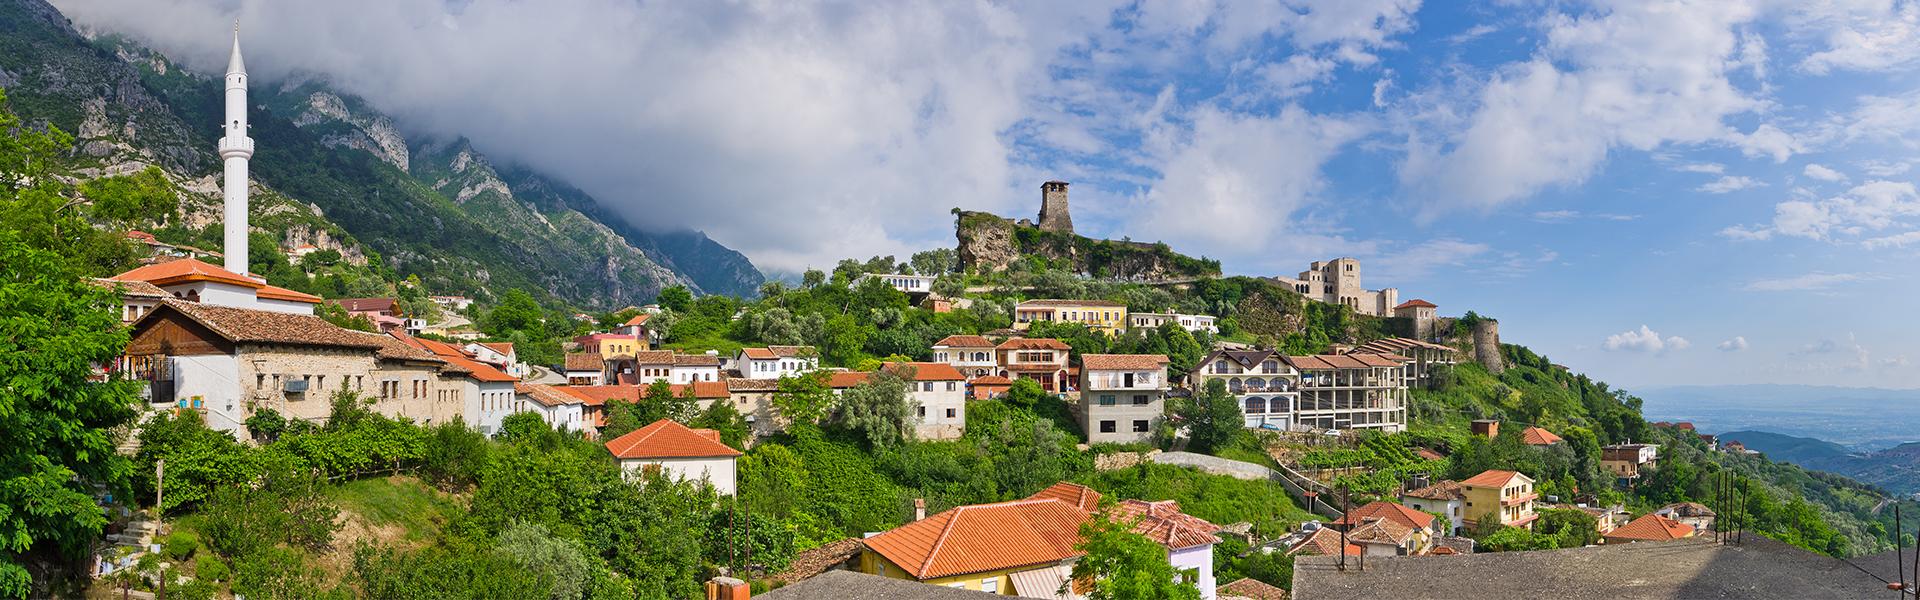 Kruja ancient ville, vue panoramique, voyages et vacances en Albanie